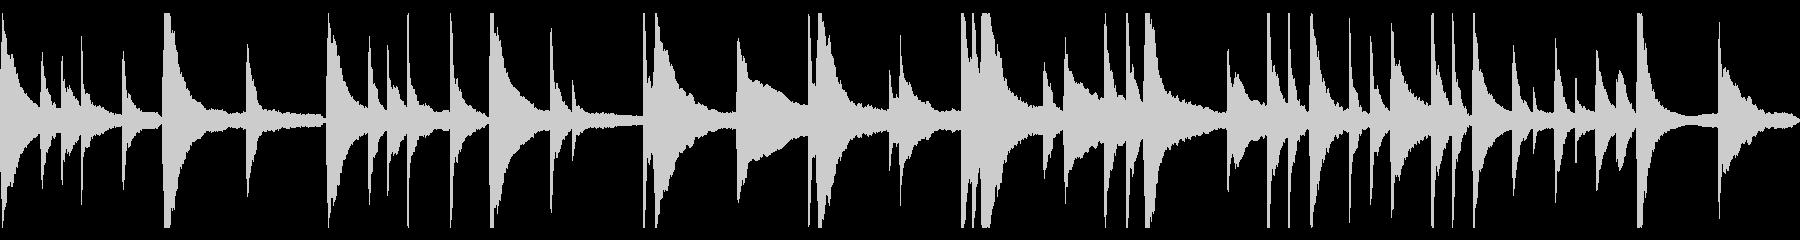 切ないピアノソロBGMの未再生の波形